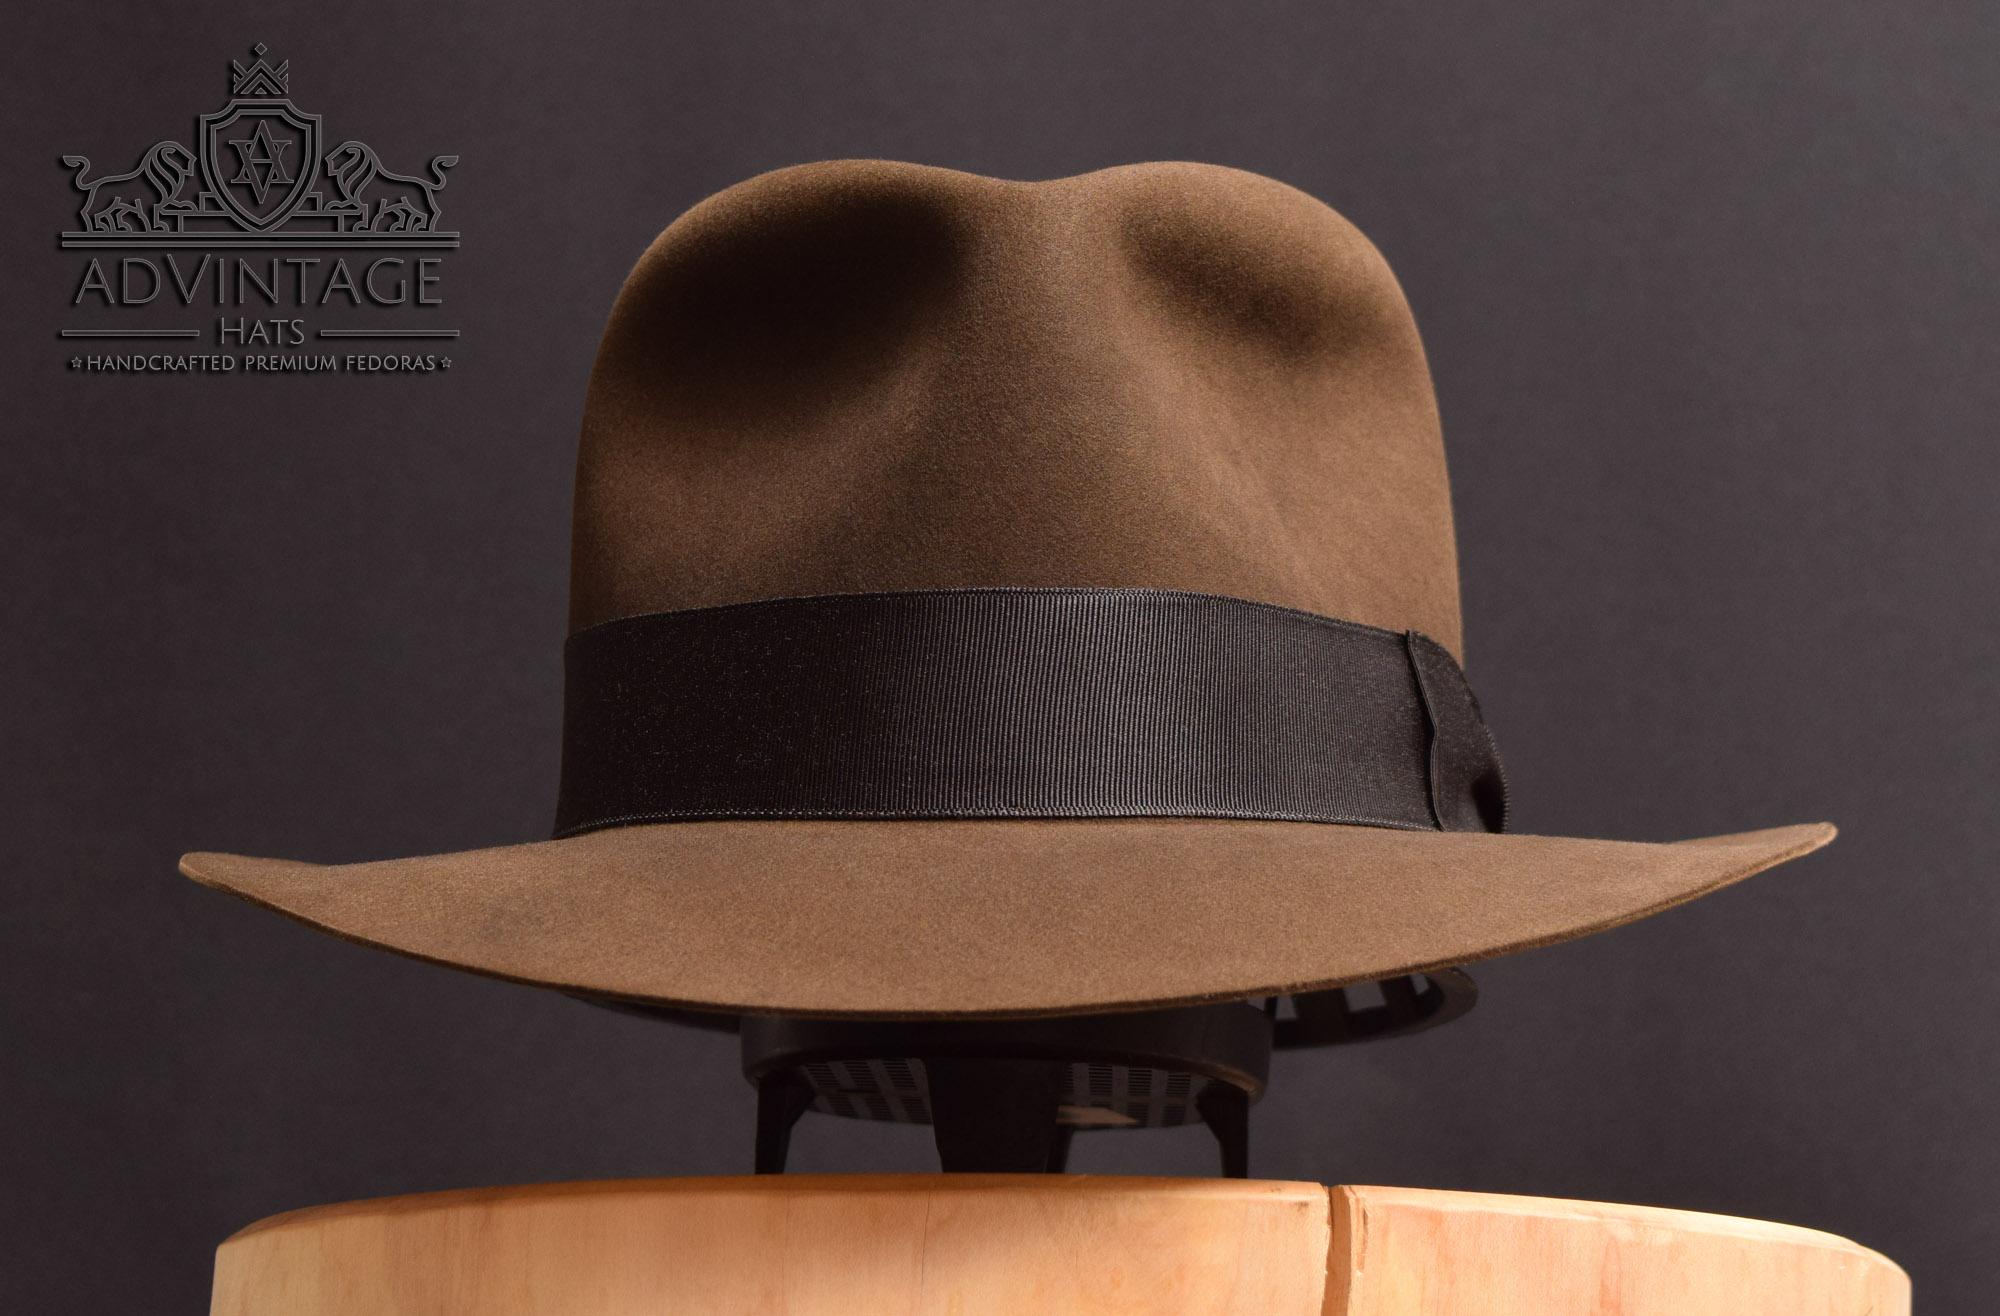 Temple of Doom fedora hut hat indiana jones sable indy